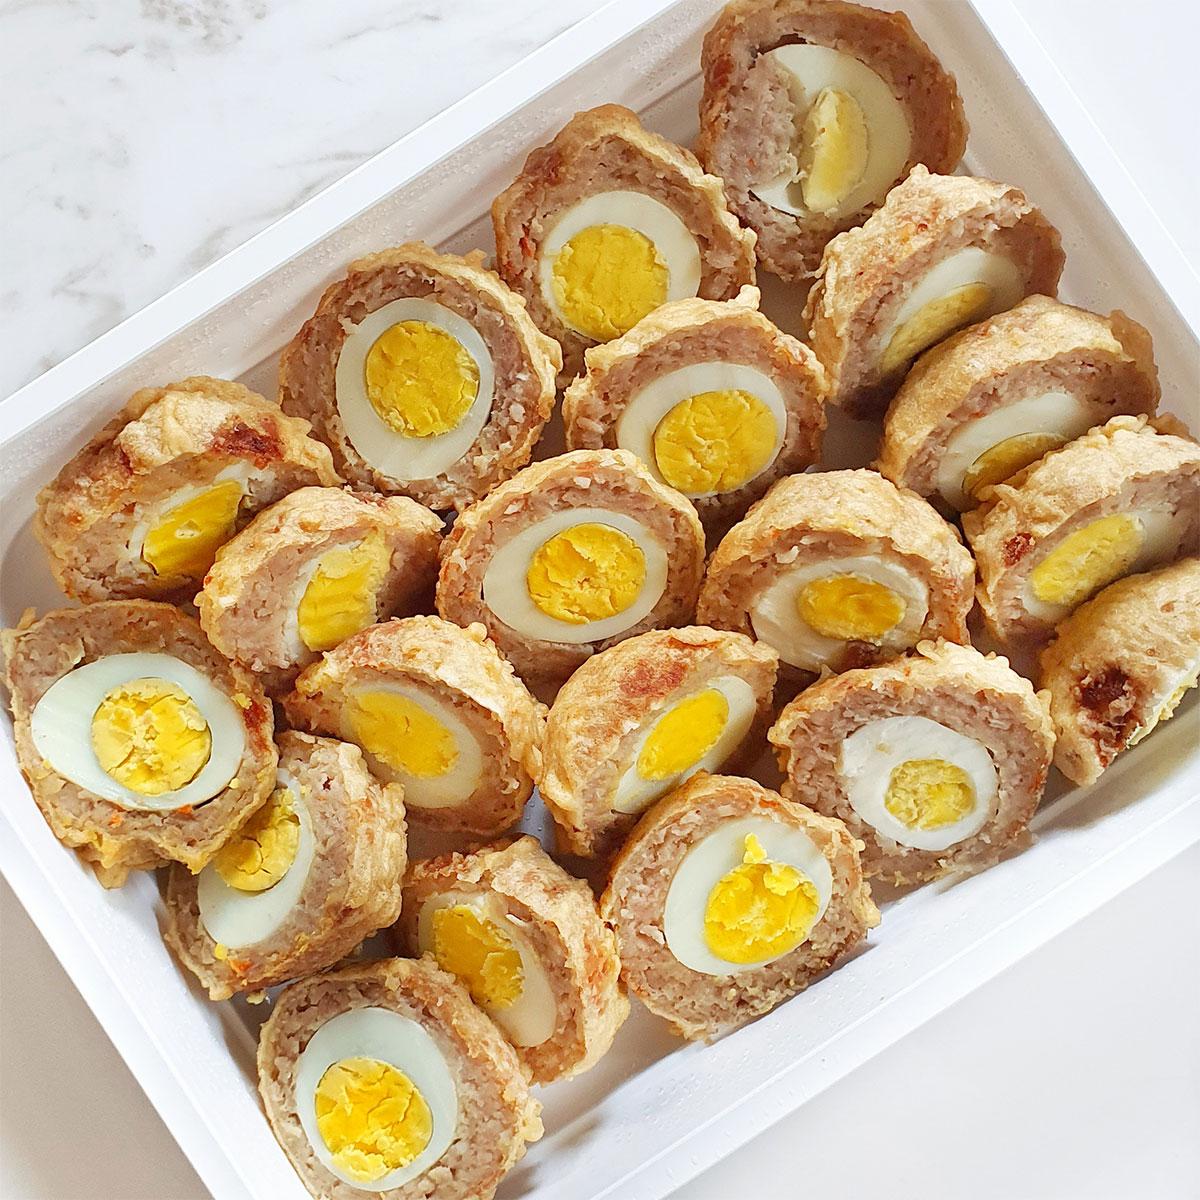 Stuffed Egg